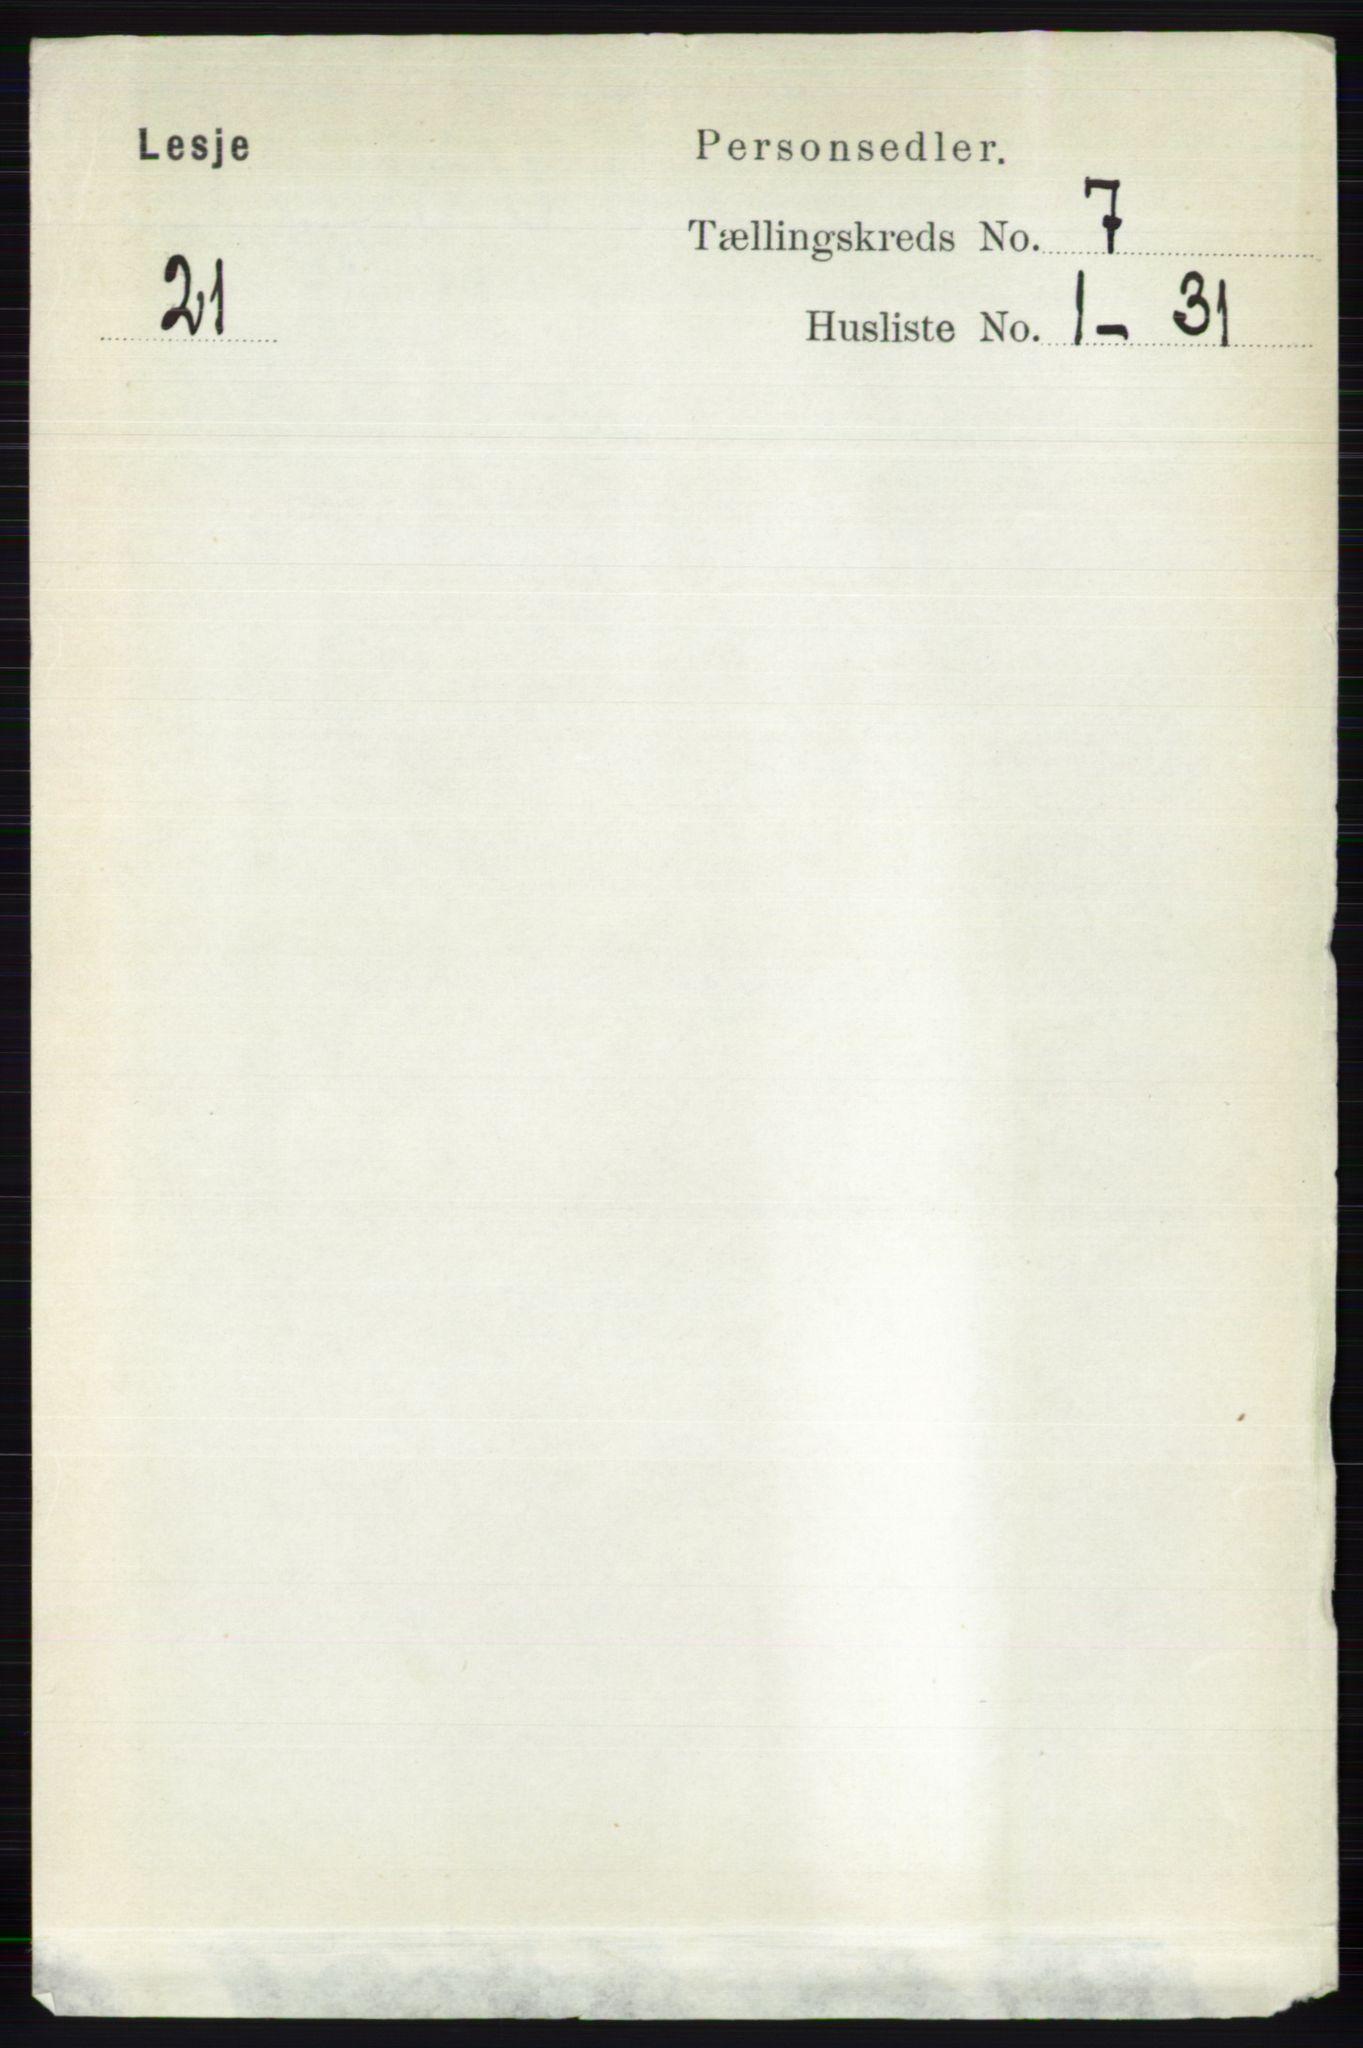 RA, Folketelling 1891 for 0512 Lesja herred, 1891, s. 2491